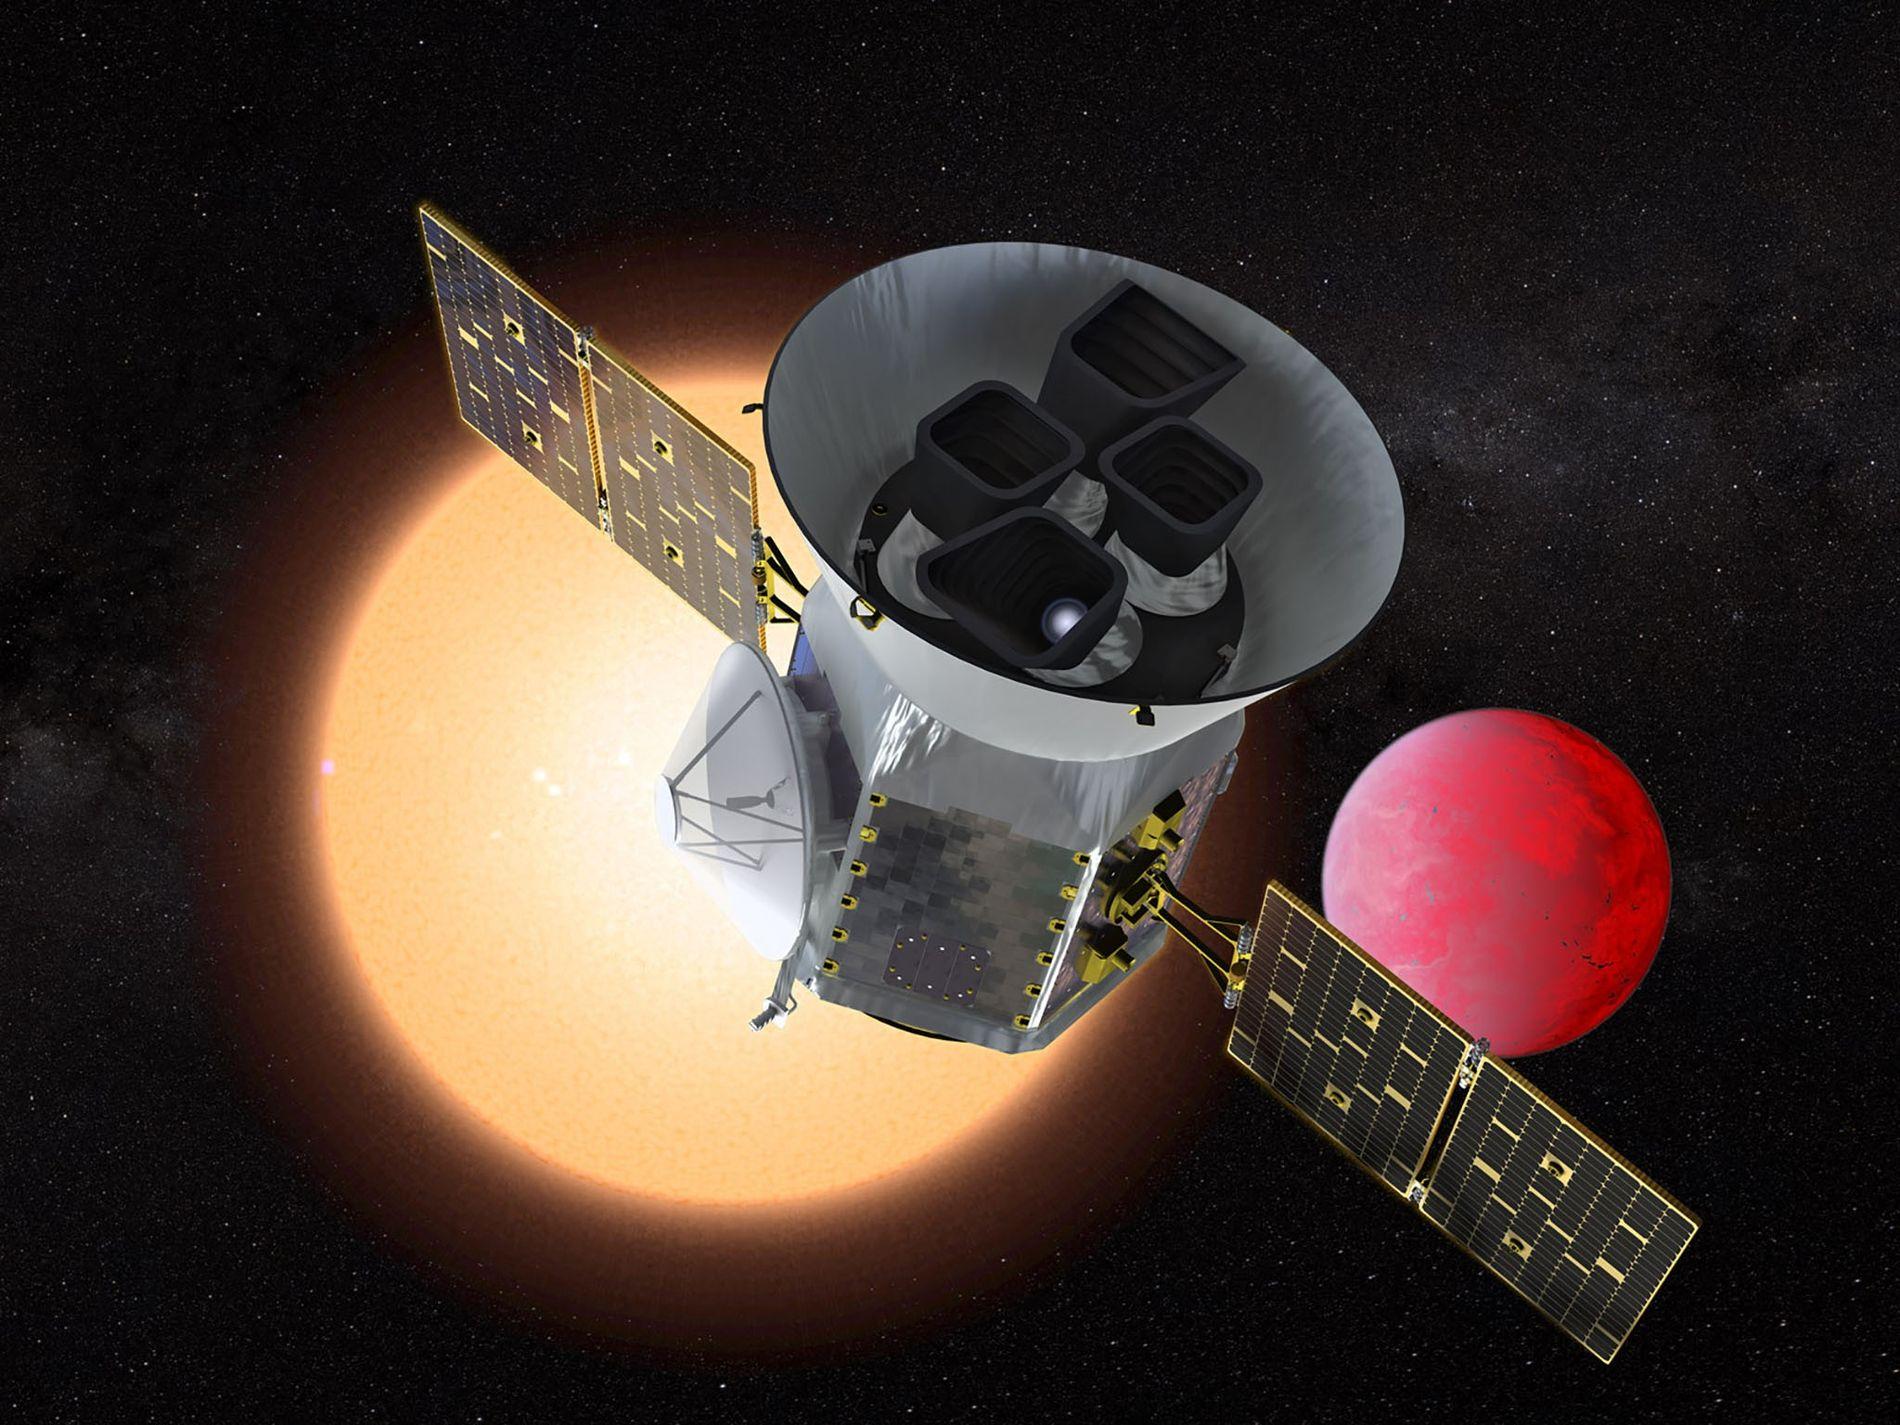 Représentation du Transiting Exoplanet Survey Satellite (TESS), le télescope spatial qui va scanner le ciel à ...